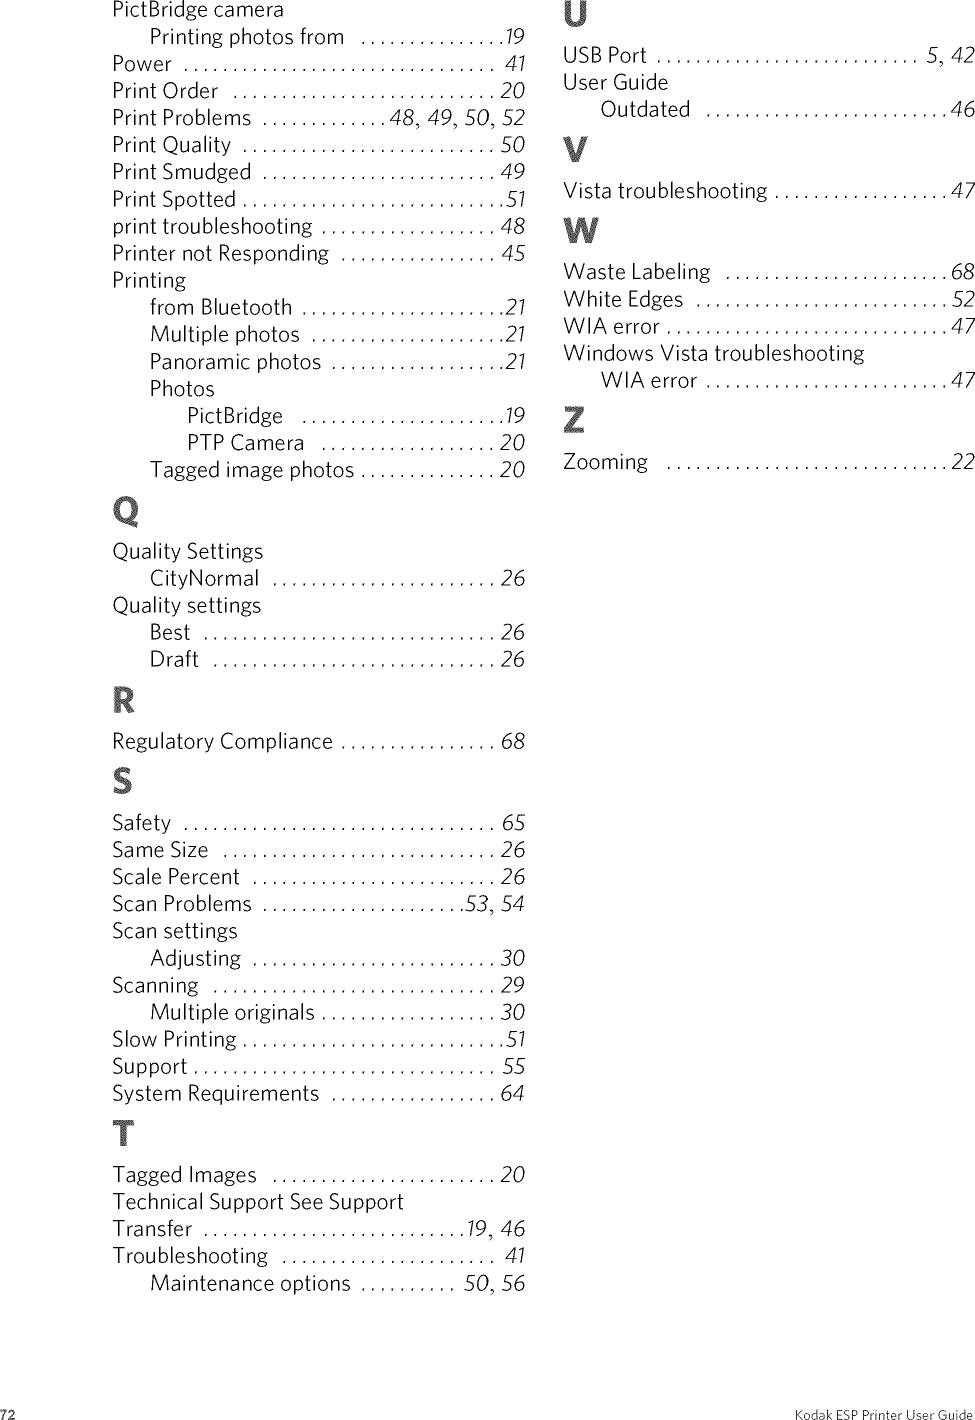 KODAK Printer Manual L0903782